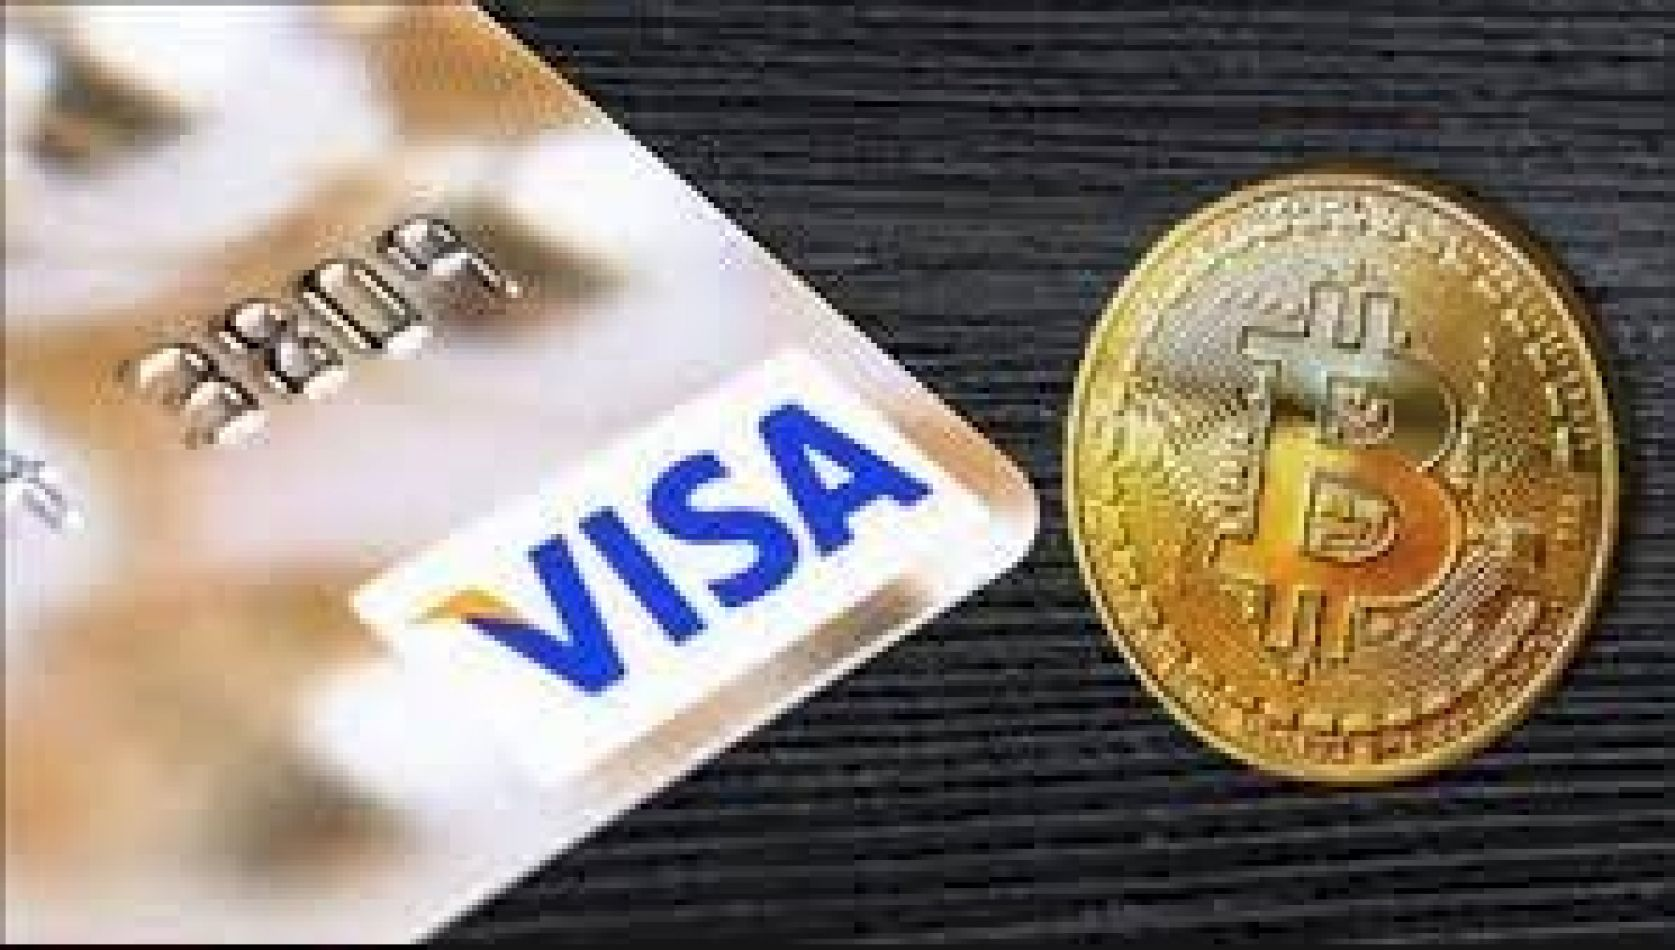 Visa permitirá transacciones con criptomonedas